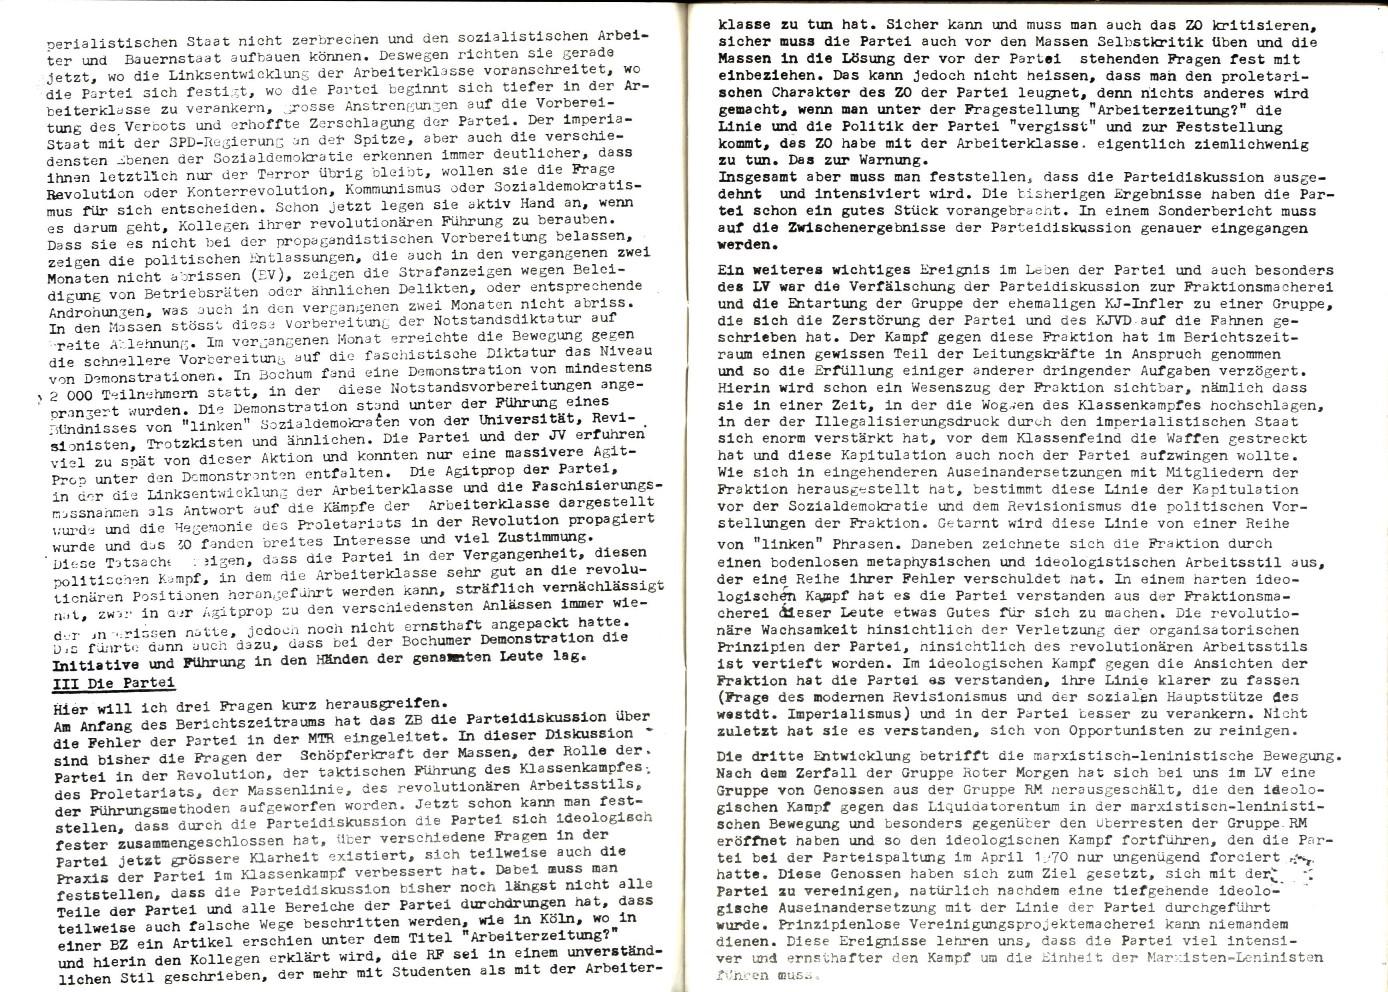 NRW_KPDML_Der_Bolschewist_1972_04_13